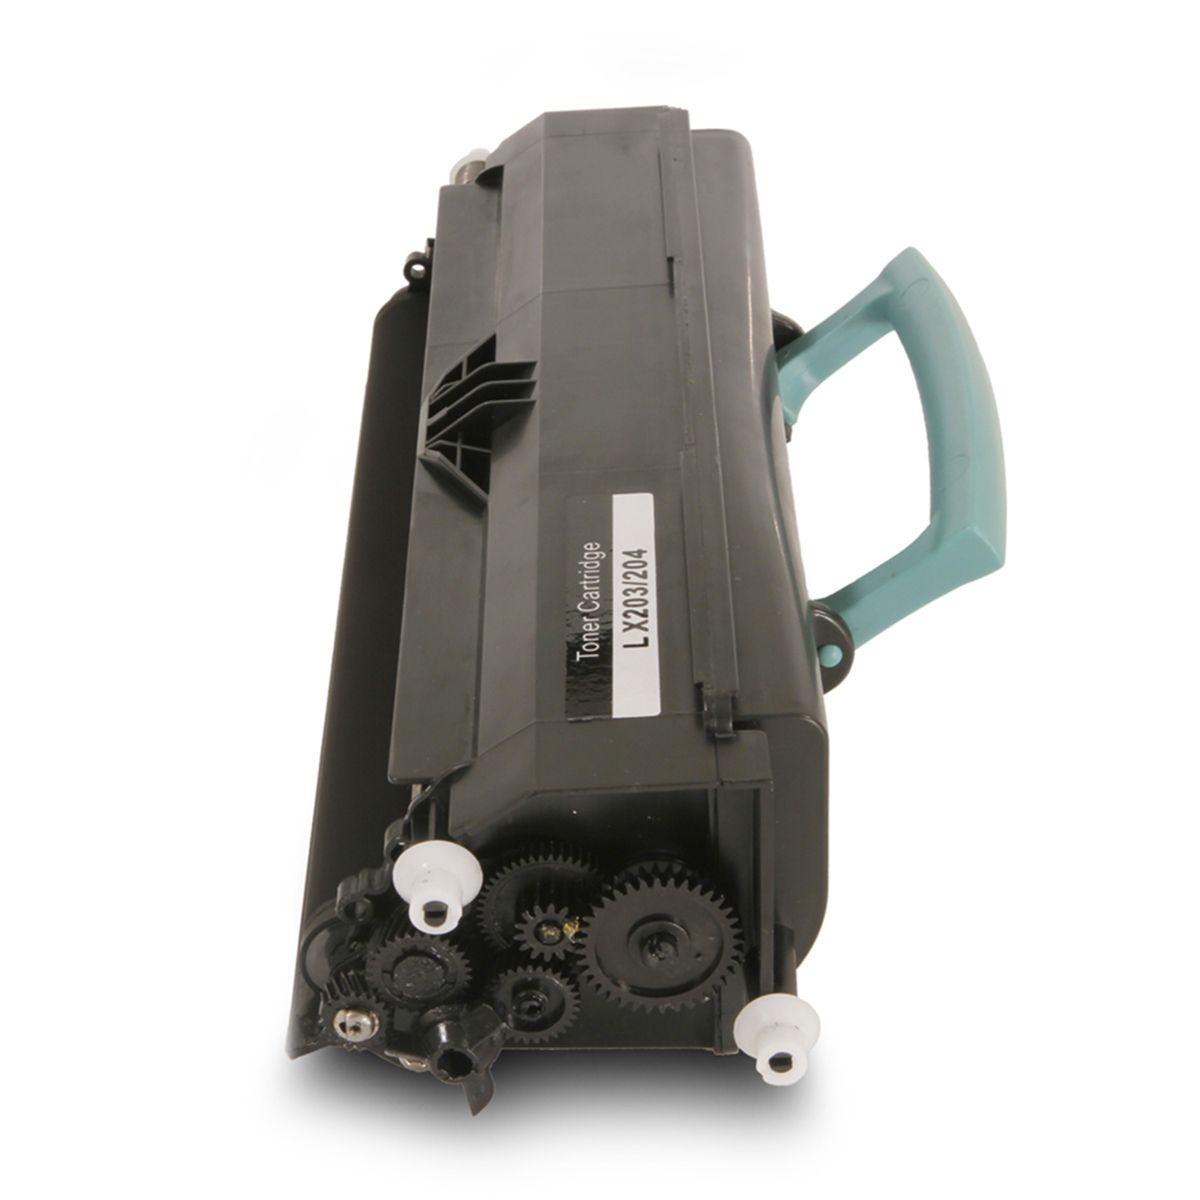 Toner Chinamatte Compatível com impressoras X203 X204 da Lexmark